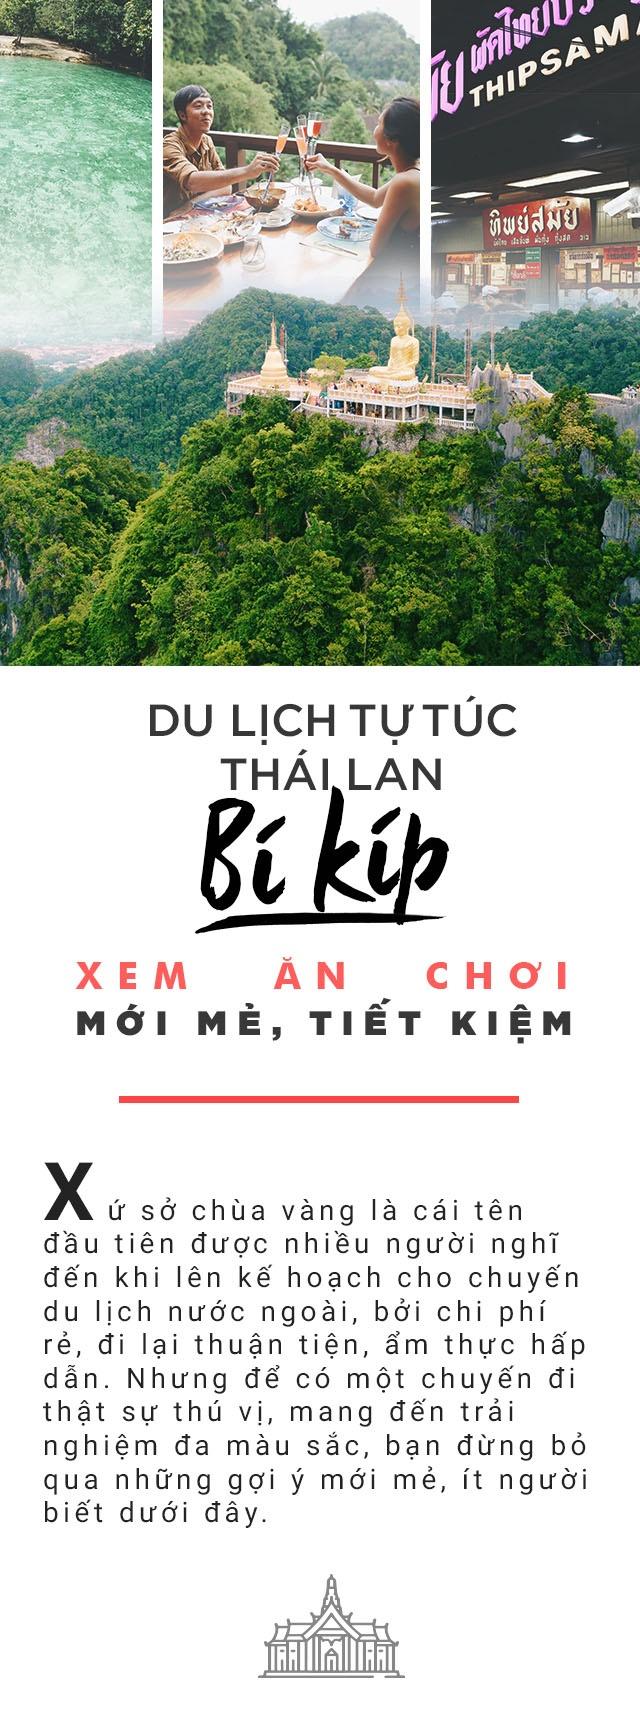 Du lich tu tuc Thai Lan: Bi kip xem - an - choi moi me, tiet kiem hinh anh 1